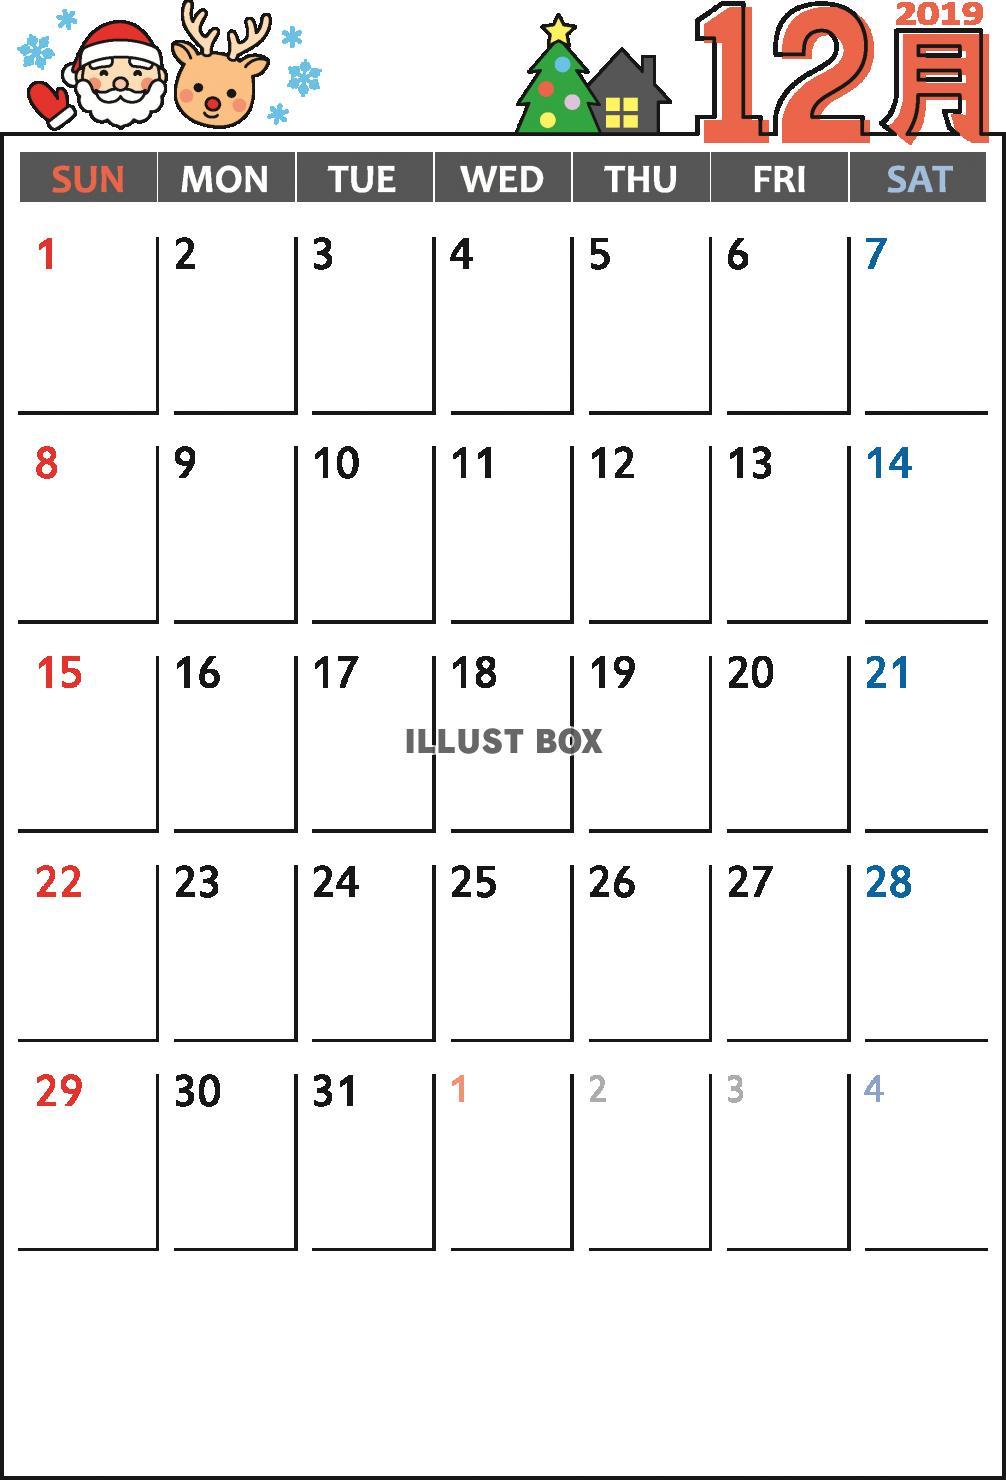 無料イラスト 19年 カレンダー 12月